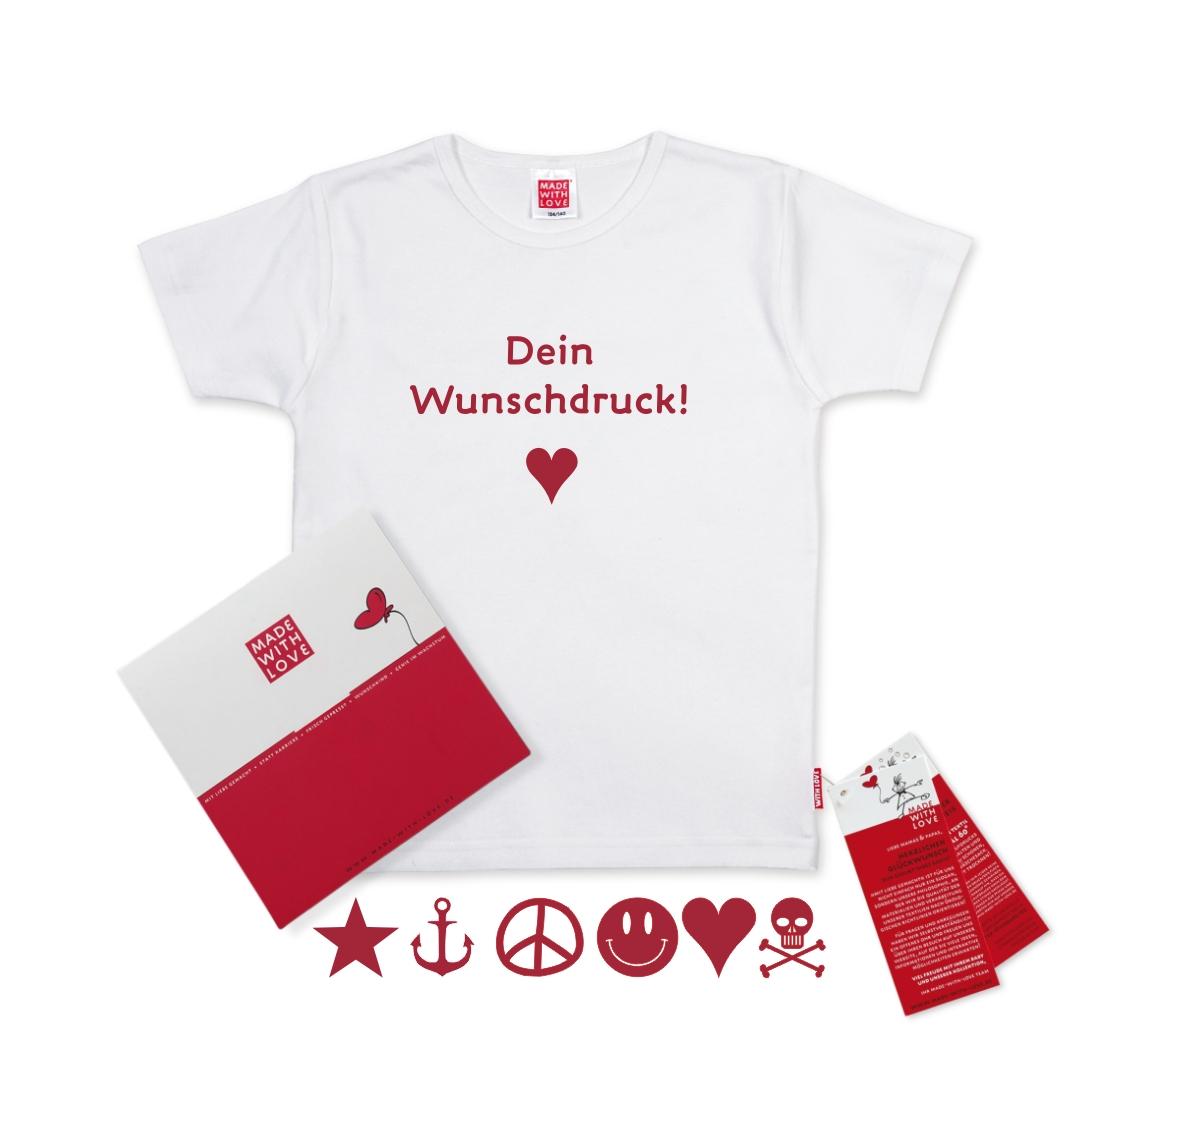 Kinder T-Shirts einfach online gestalten und bedrucken lassen. Kinder-T-Shirts einfach online selbst machen. Große Auswahl an Kinder-Shirts mit Ihrem eigenen Foto oder Motiv. Kids-T-Shirts mit hochwertigem Textil-Druck im samtweichen Direktdruck (ohne /5(K).